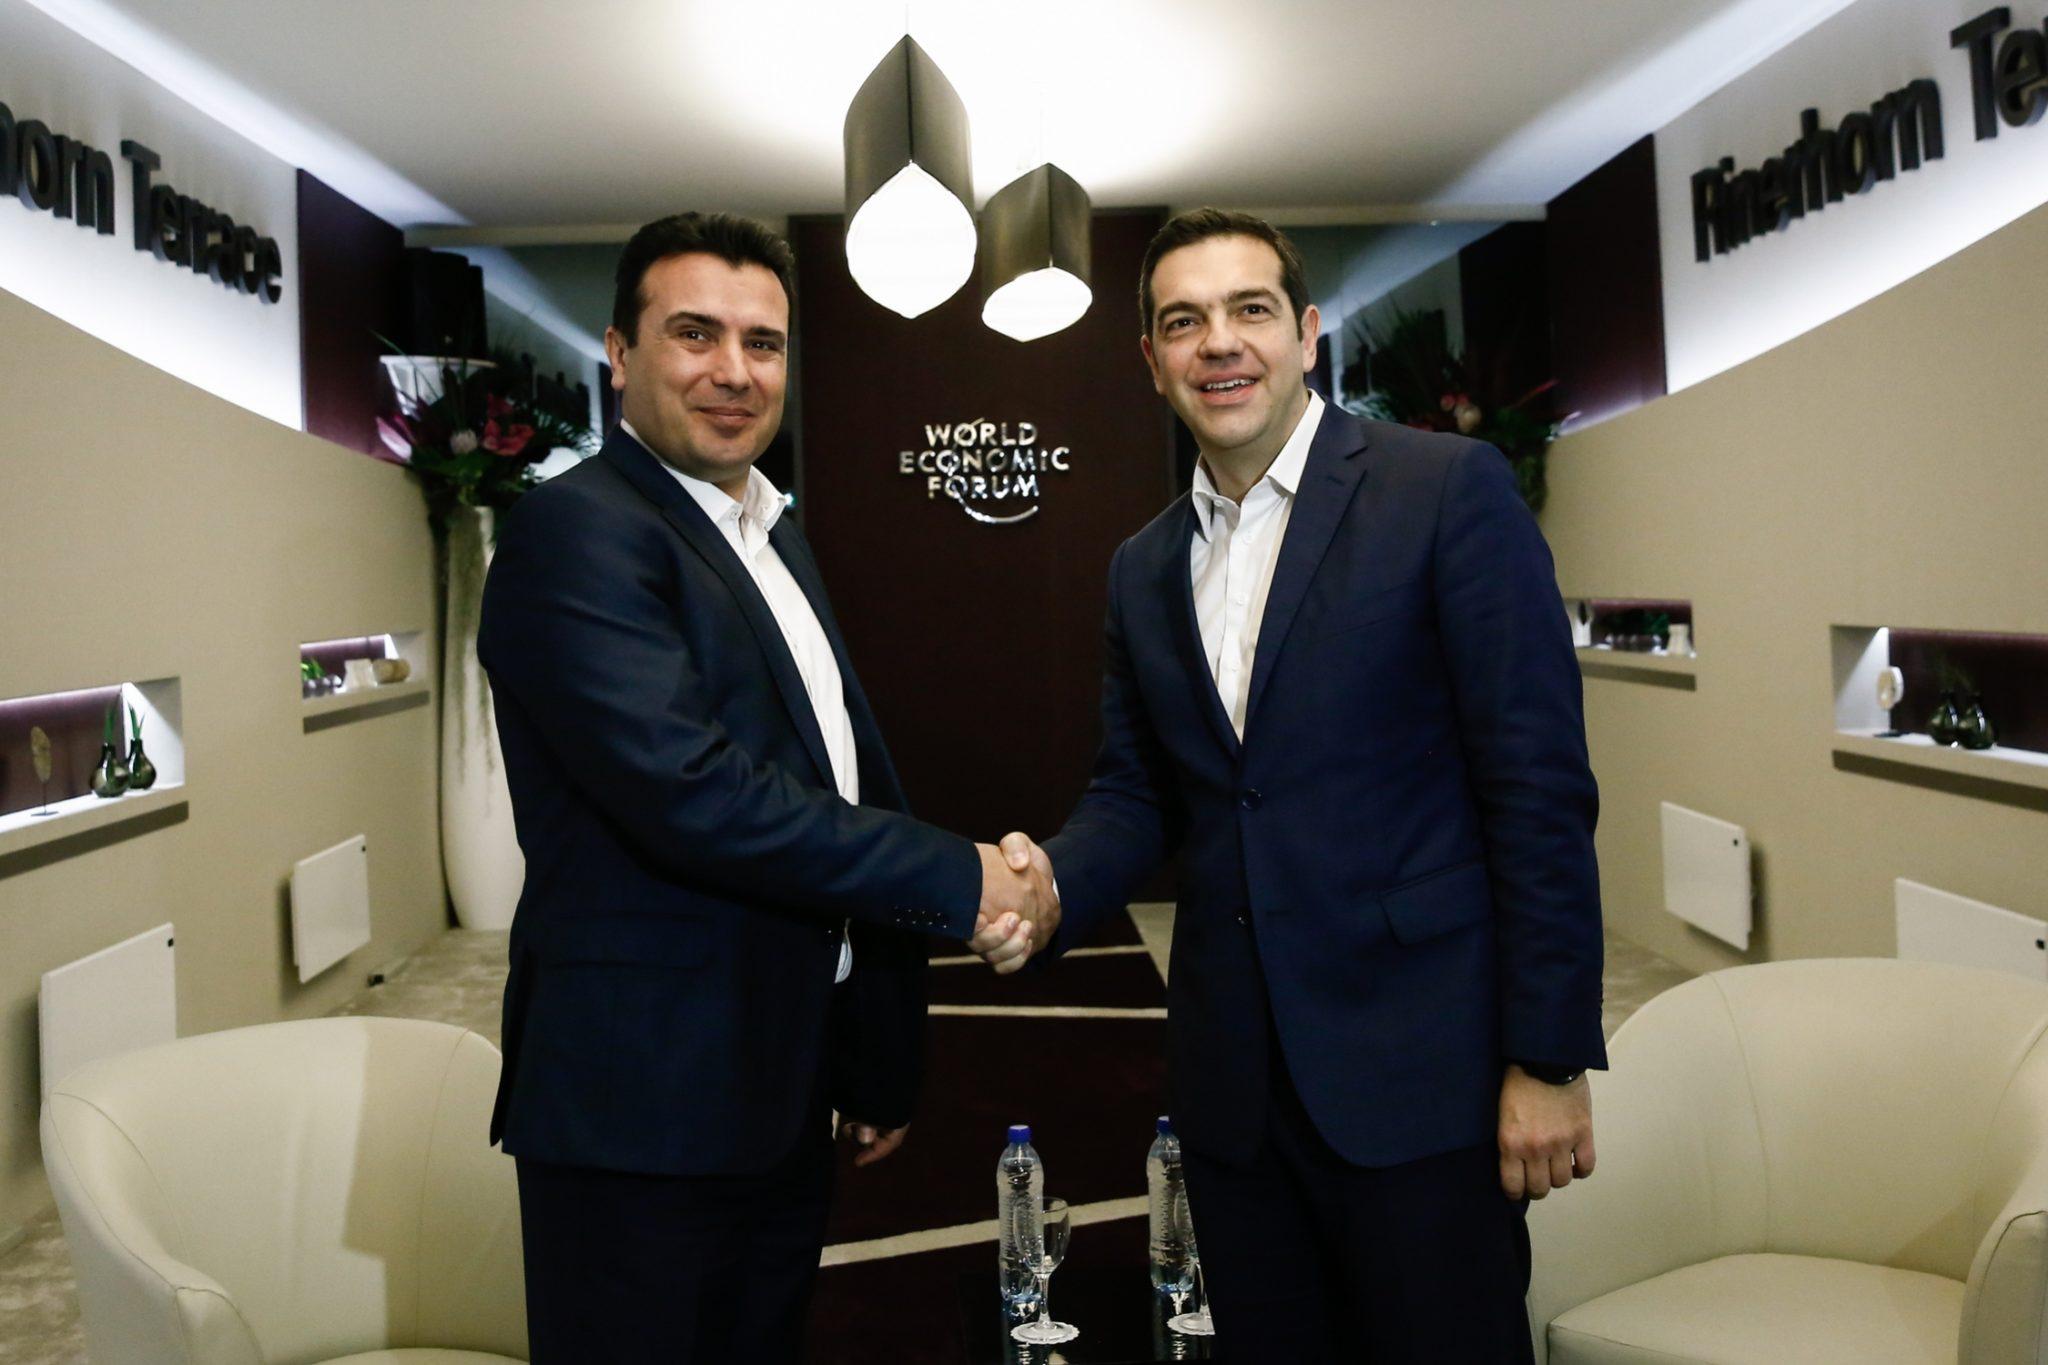 Στο Προεδρικό Μέγαρο ο Αλέξης Τσίπρας για τις εξελίξεις στο ονοματολογικό | to10.gr